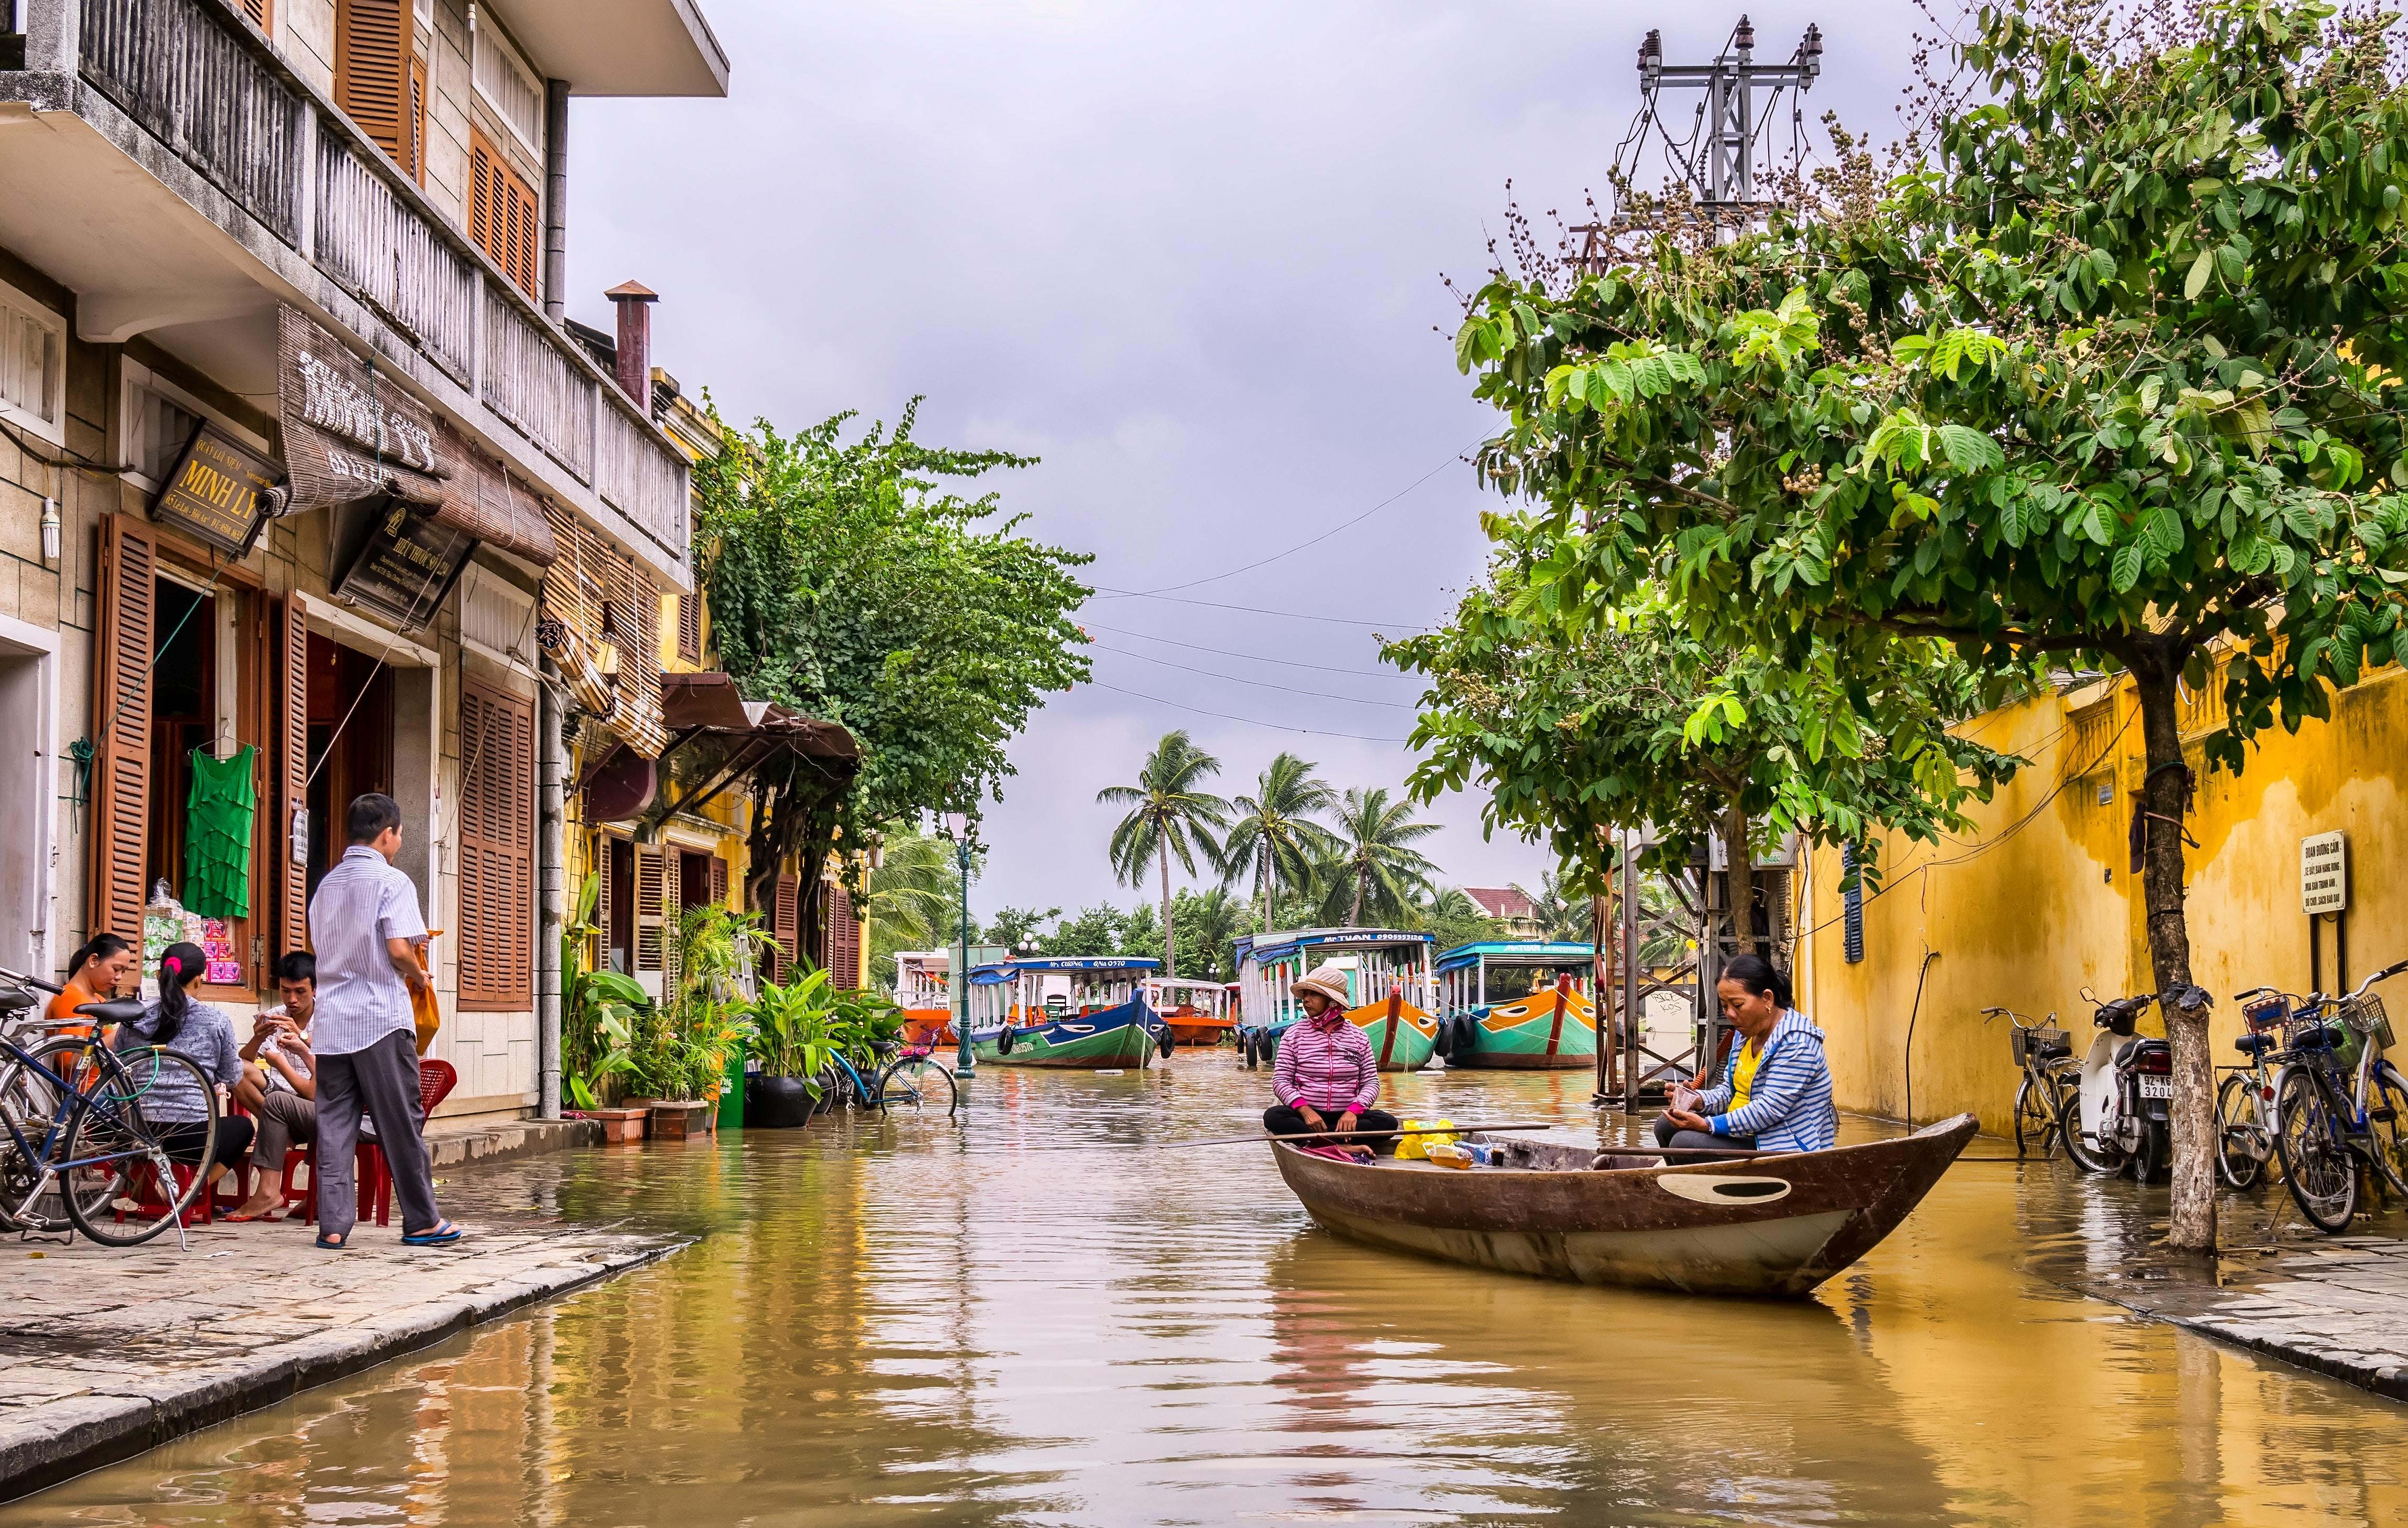 夢占いが示す洪水の意味は?洪水の夢が持つ意味やサインについて徹底調査